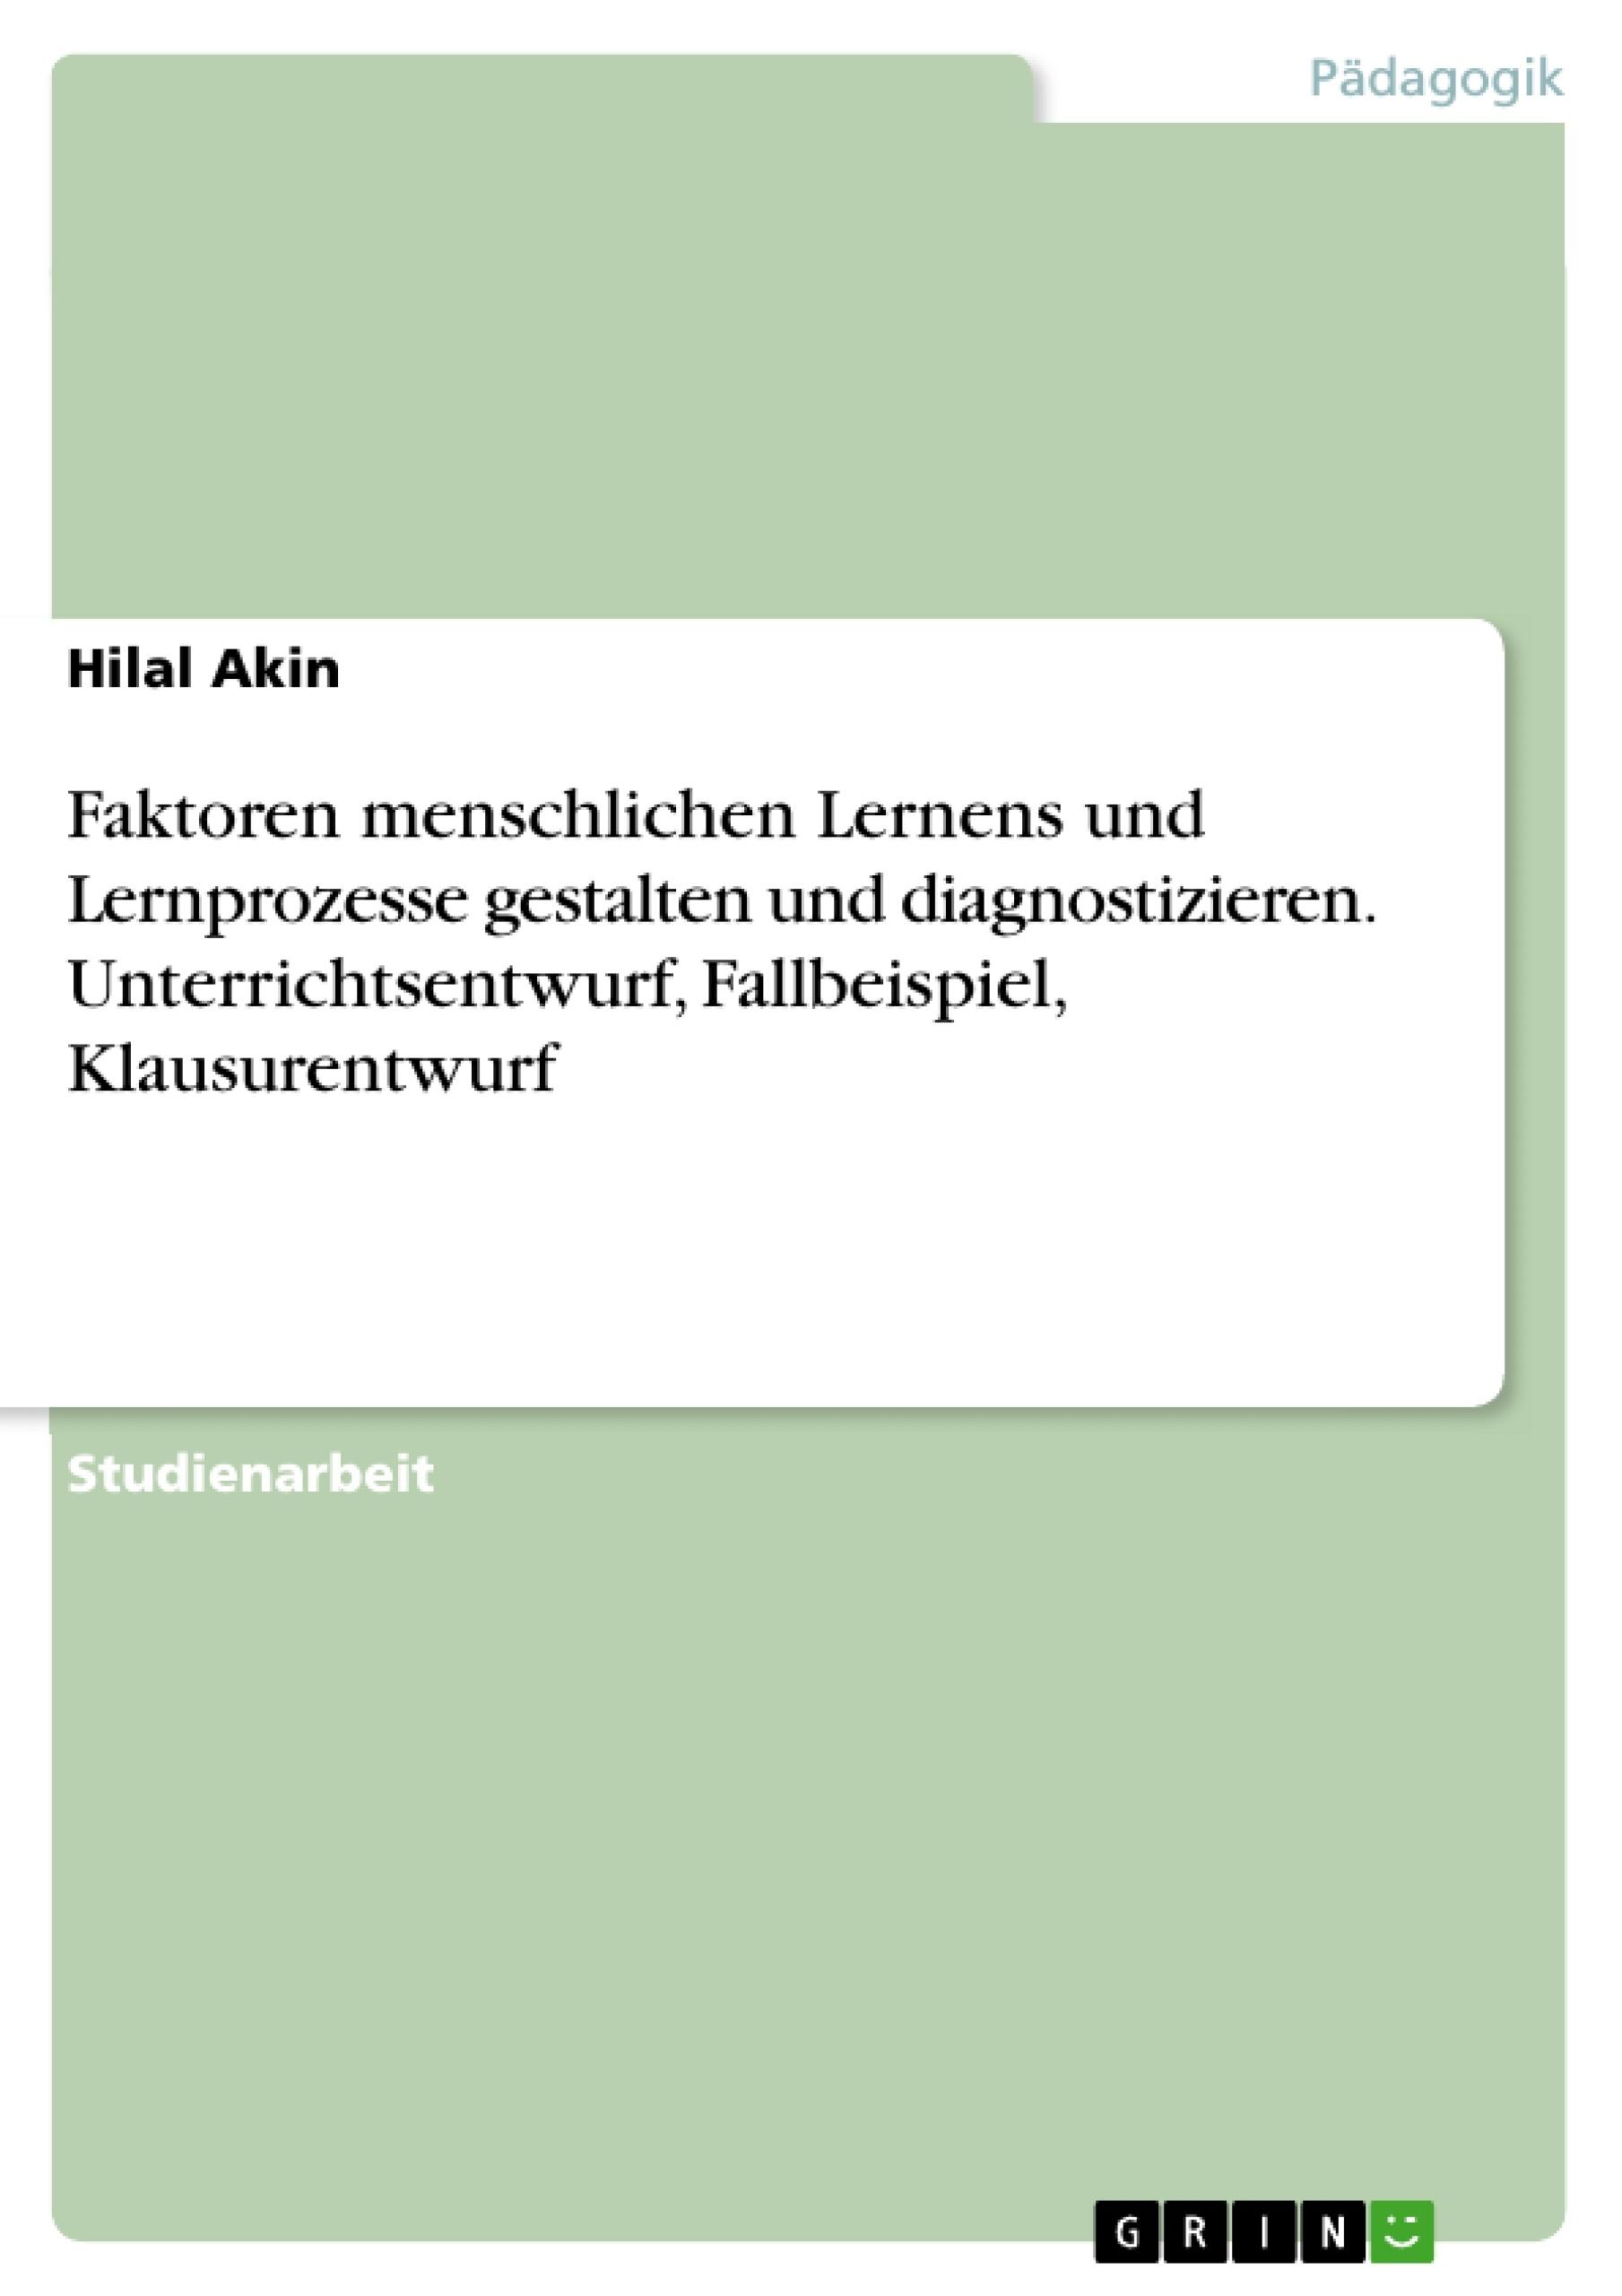 Titel: Faktoren menschlichen Lernens und Lernprozesse gestalten und diagnostizieren. Unterrichtsentwurf, Fallbeispiel, Klausurentwurf